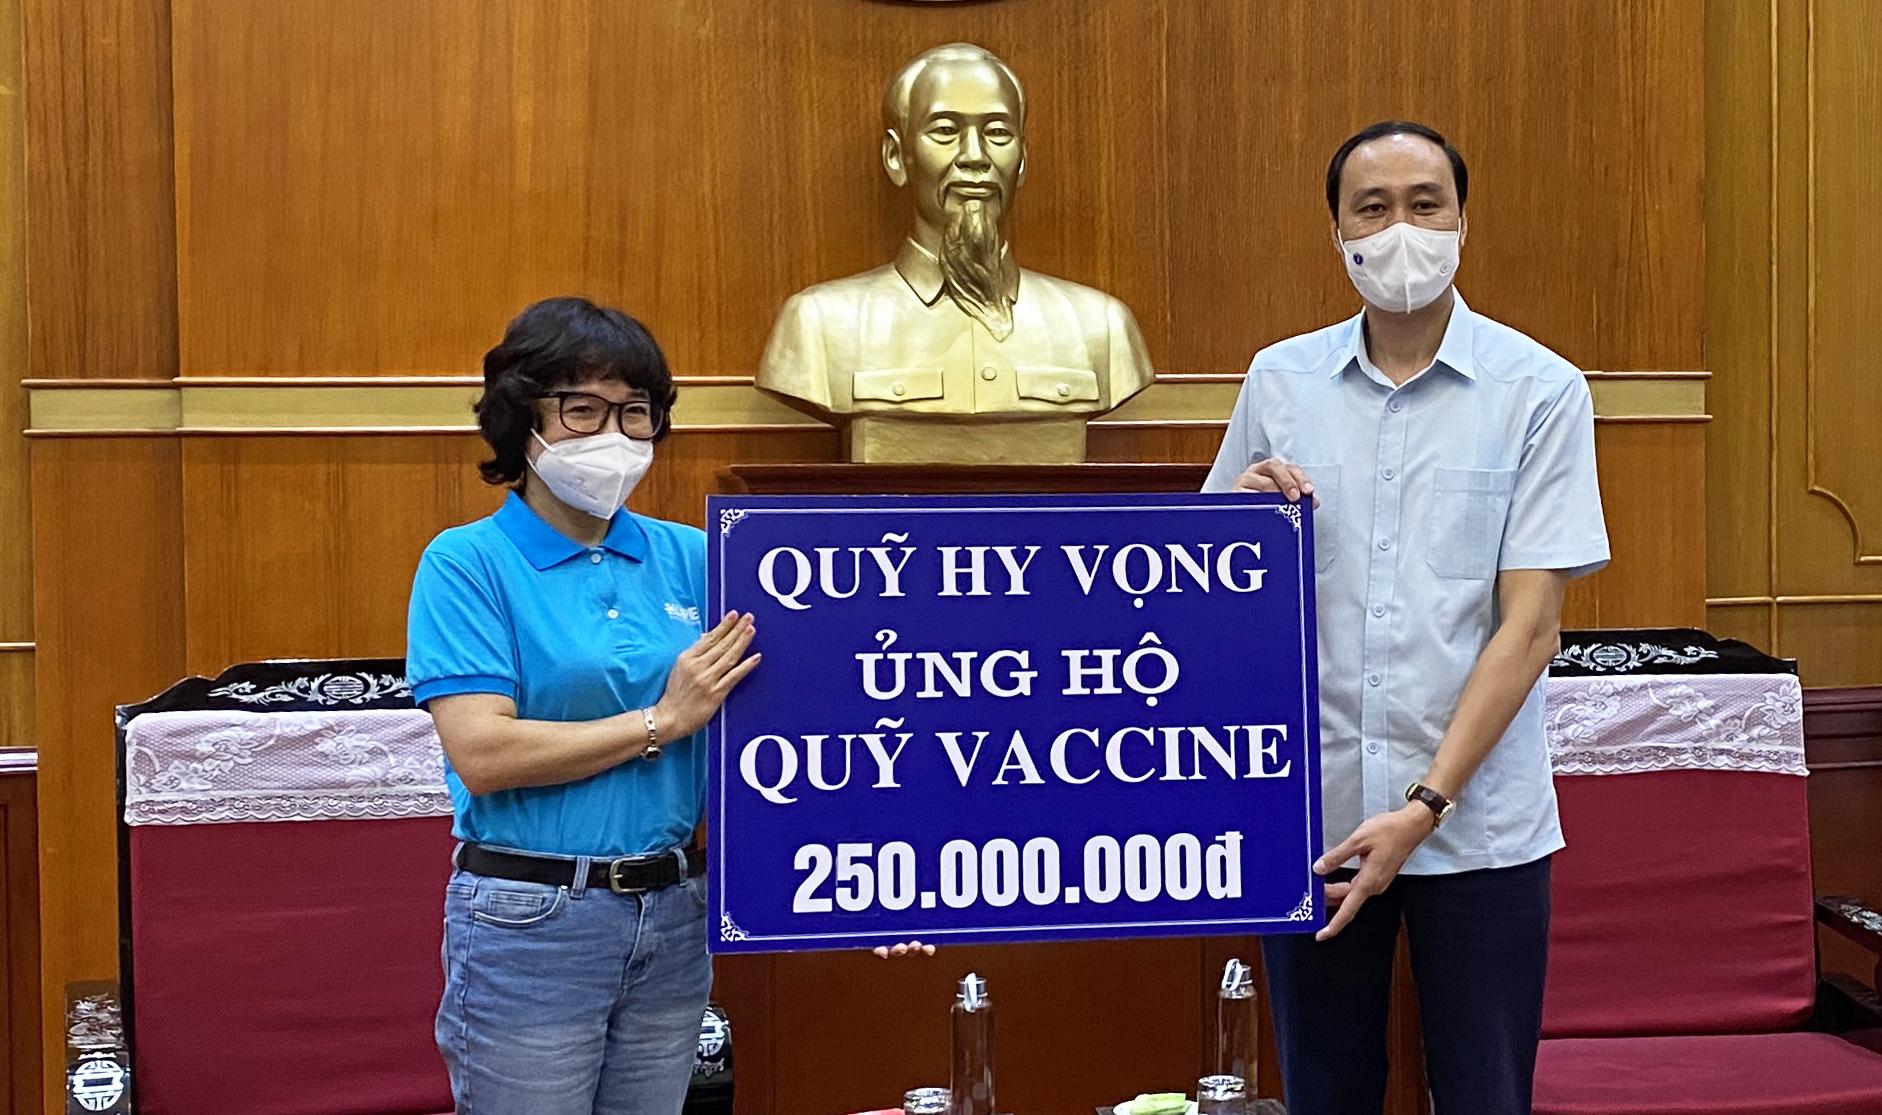 Đại diện Quỹ Hy vọng trao tiền ủng hộ Quỹ vaccine đến đại diện UBTƯ MTTQ Việt Nam.